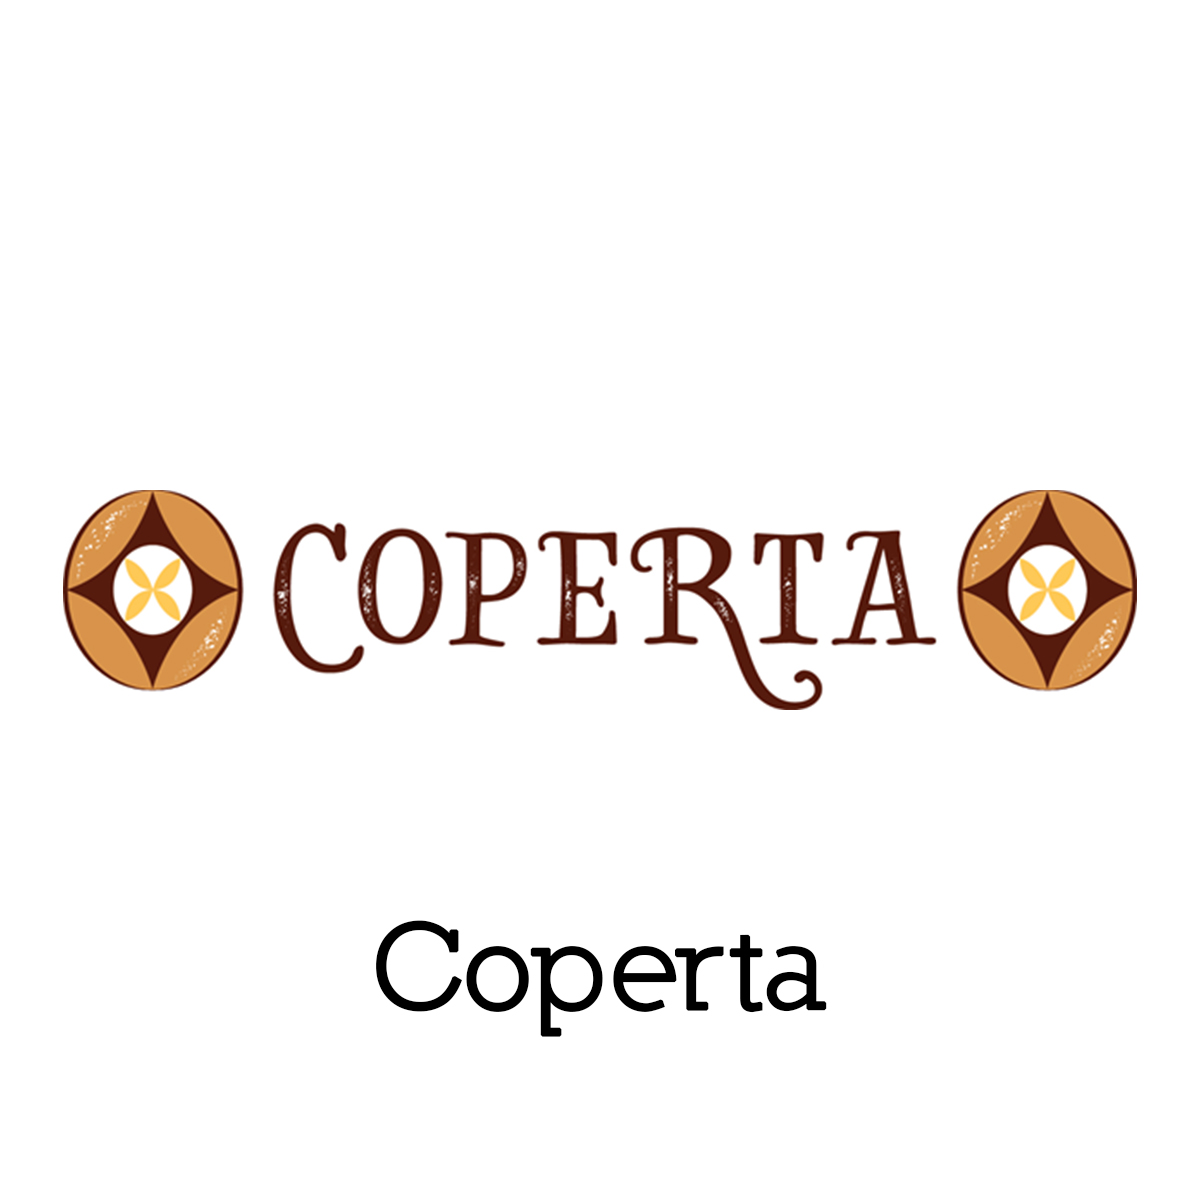 coperta_resized-for-web.jpg